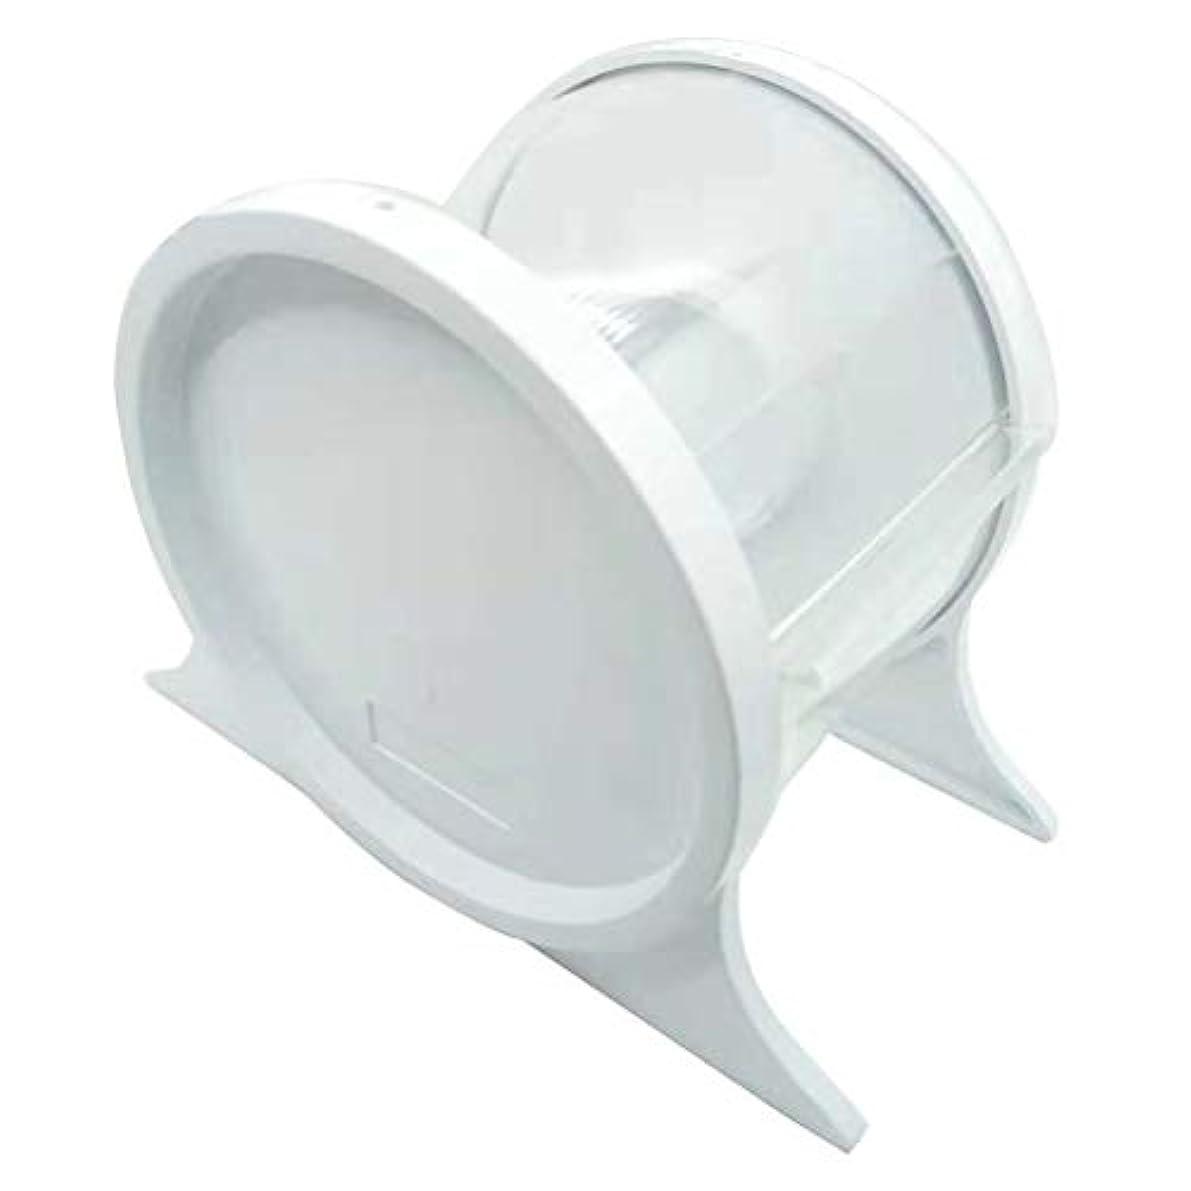 通訳ノベルティノベルティSUPVOX 歯科用バリアフィルムディスペンサー使い捨て保護スタンドホルダーシェルフ歯科用ツール1本(ホワイト)